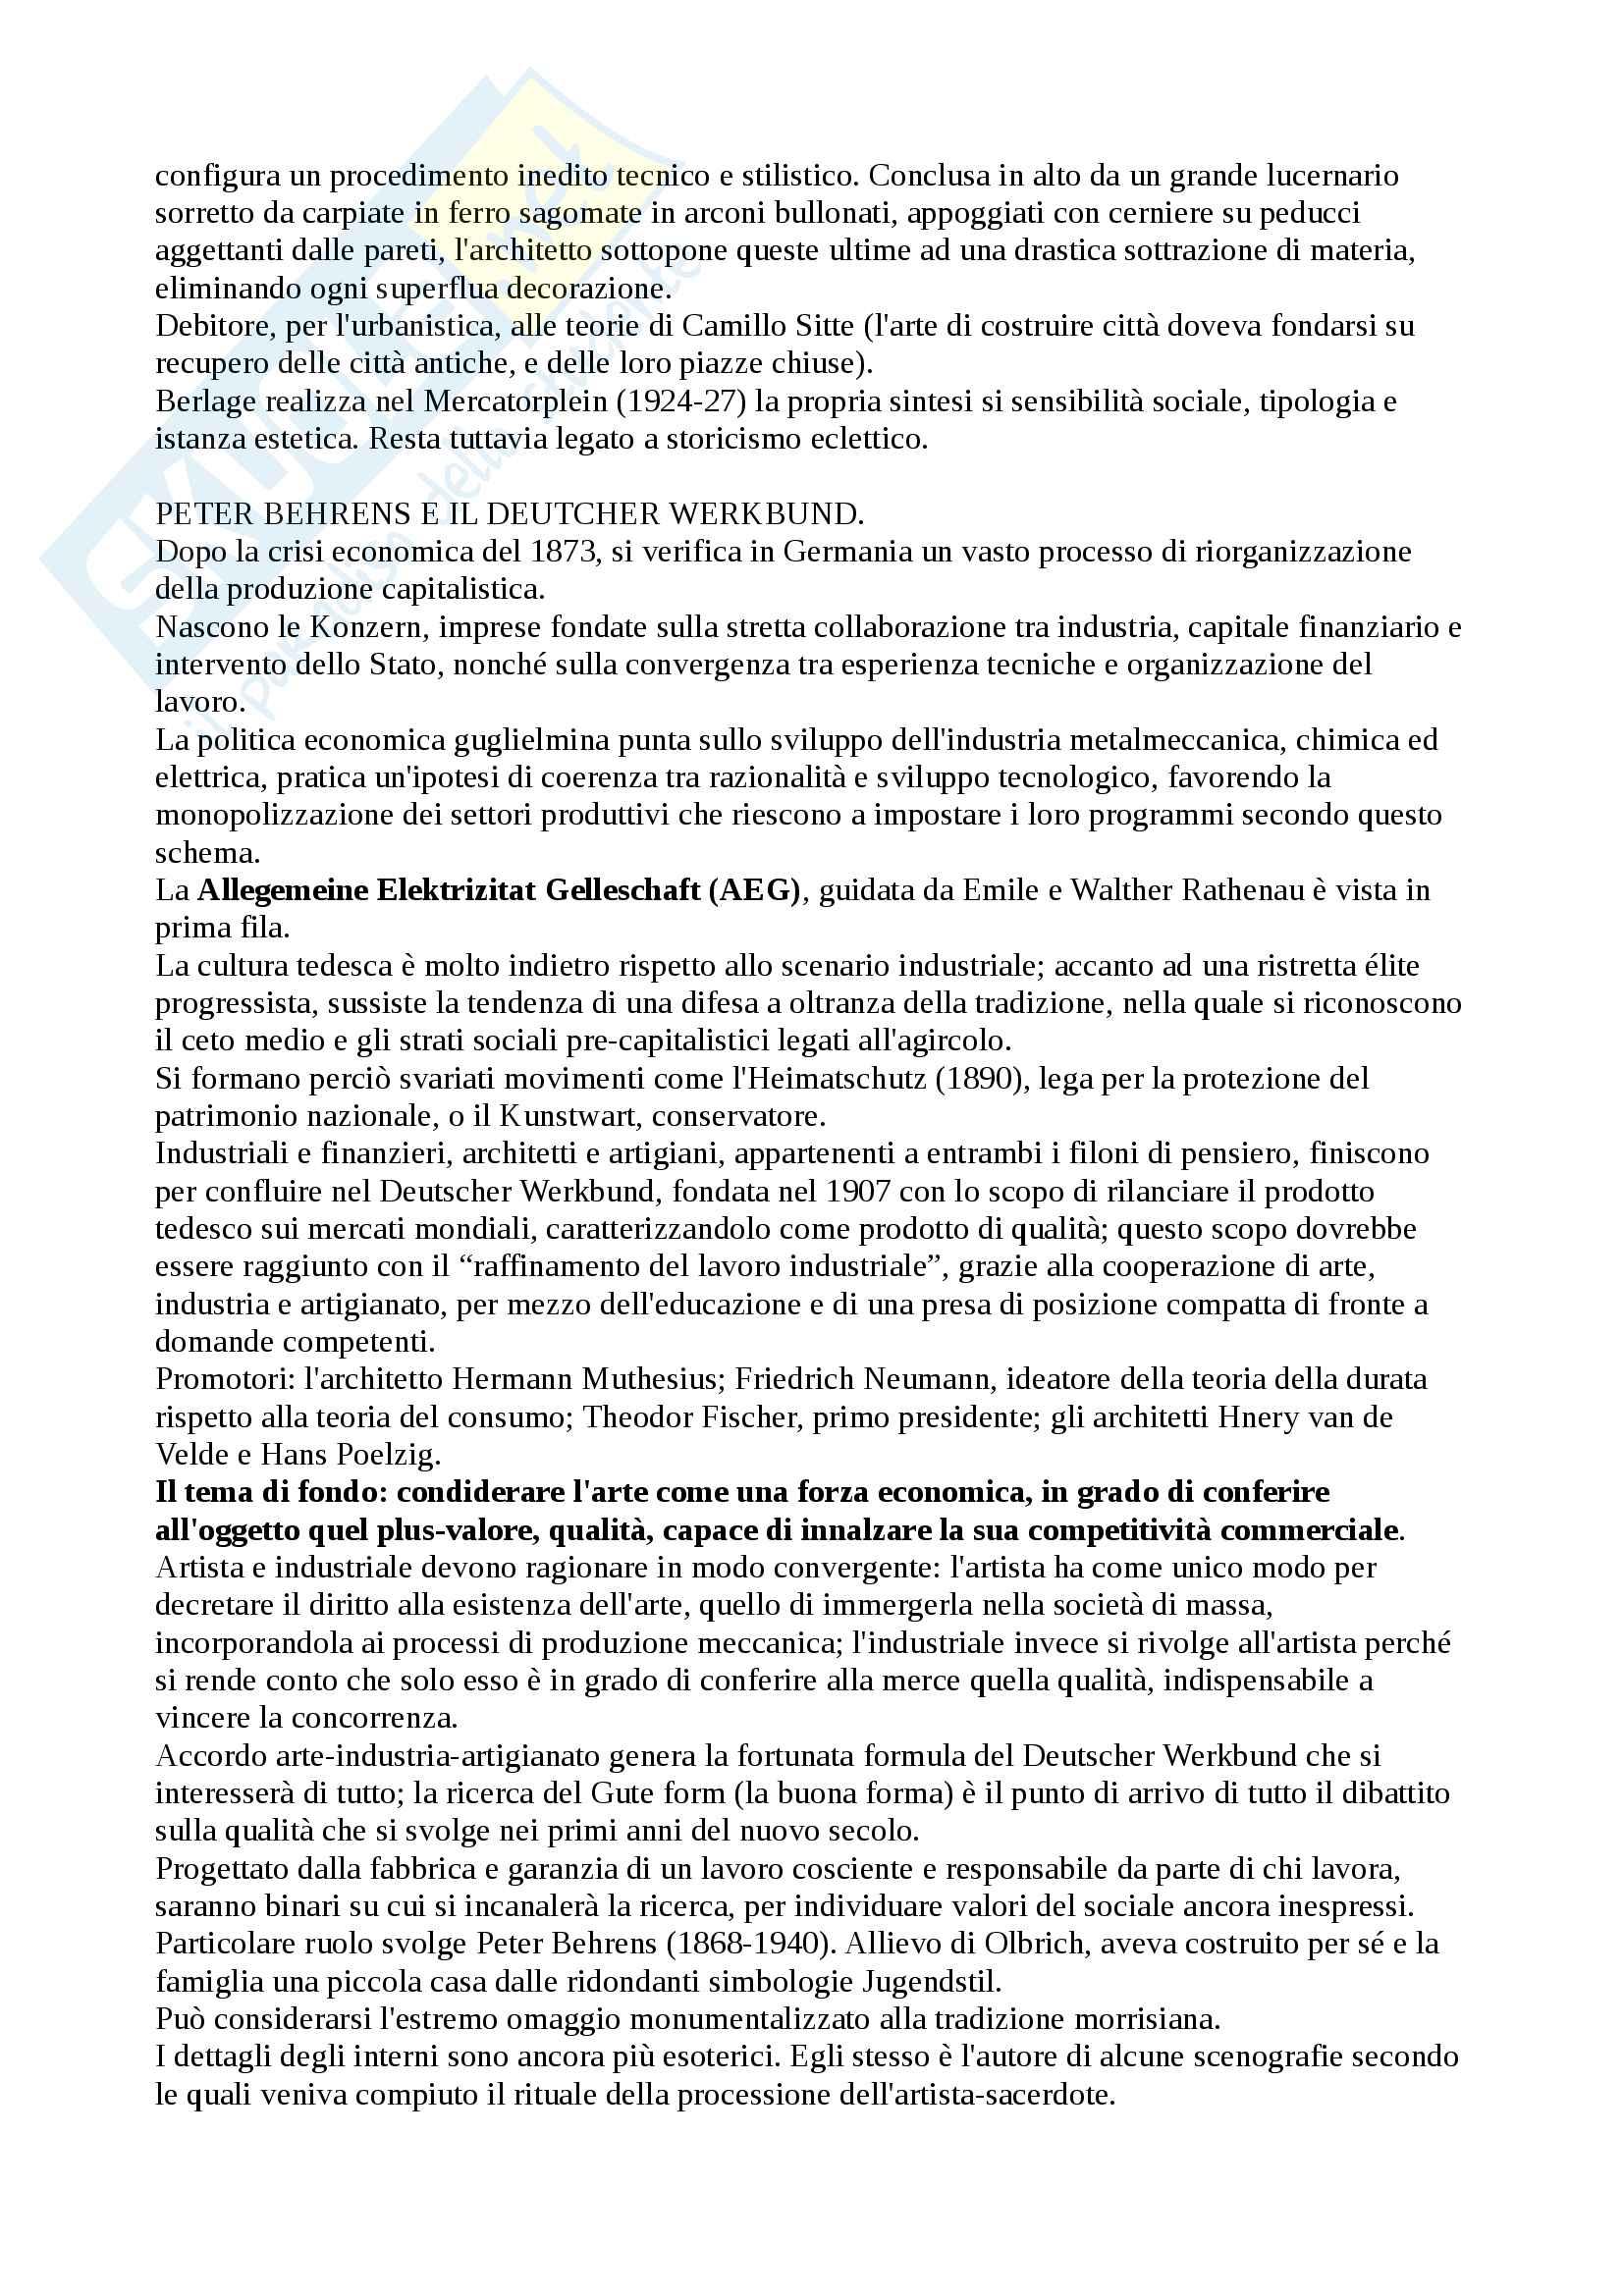 Panoramica di storia dell'architettura Pag. 26